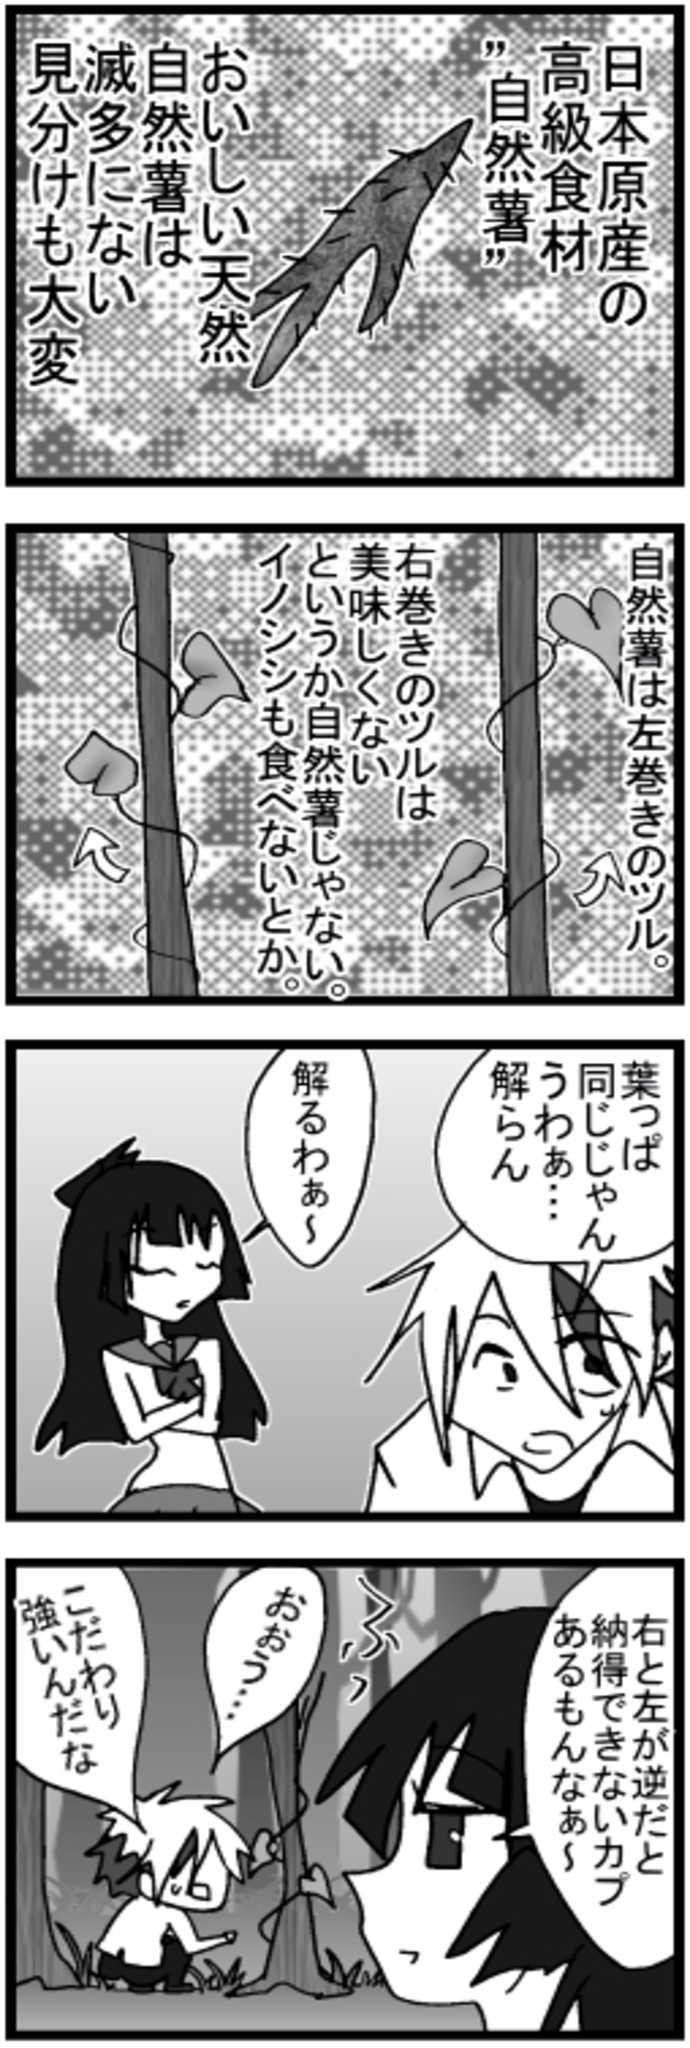 オマケ漫画「自然薯」